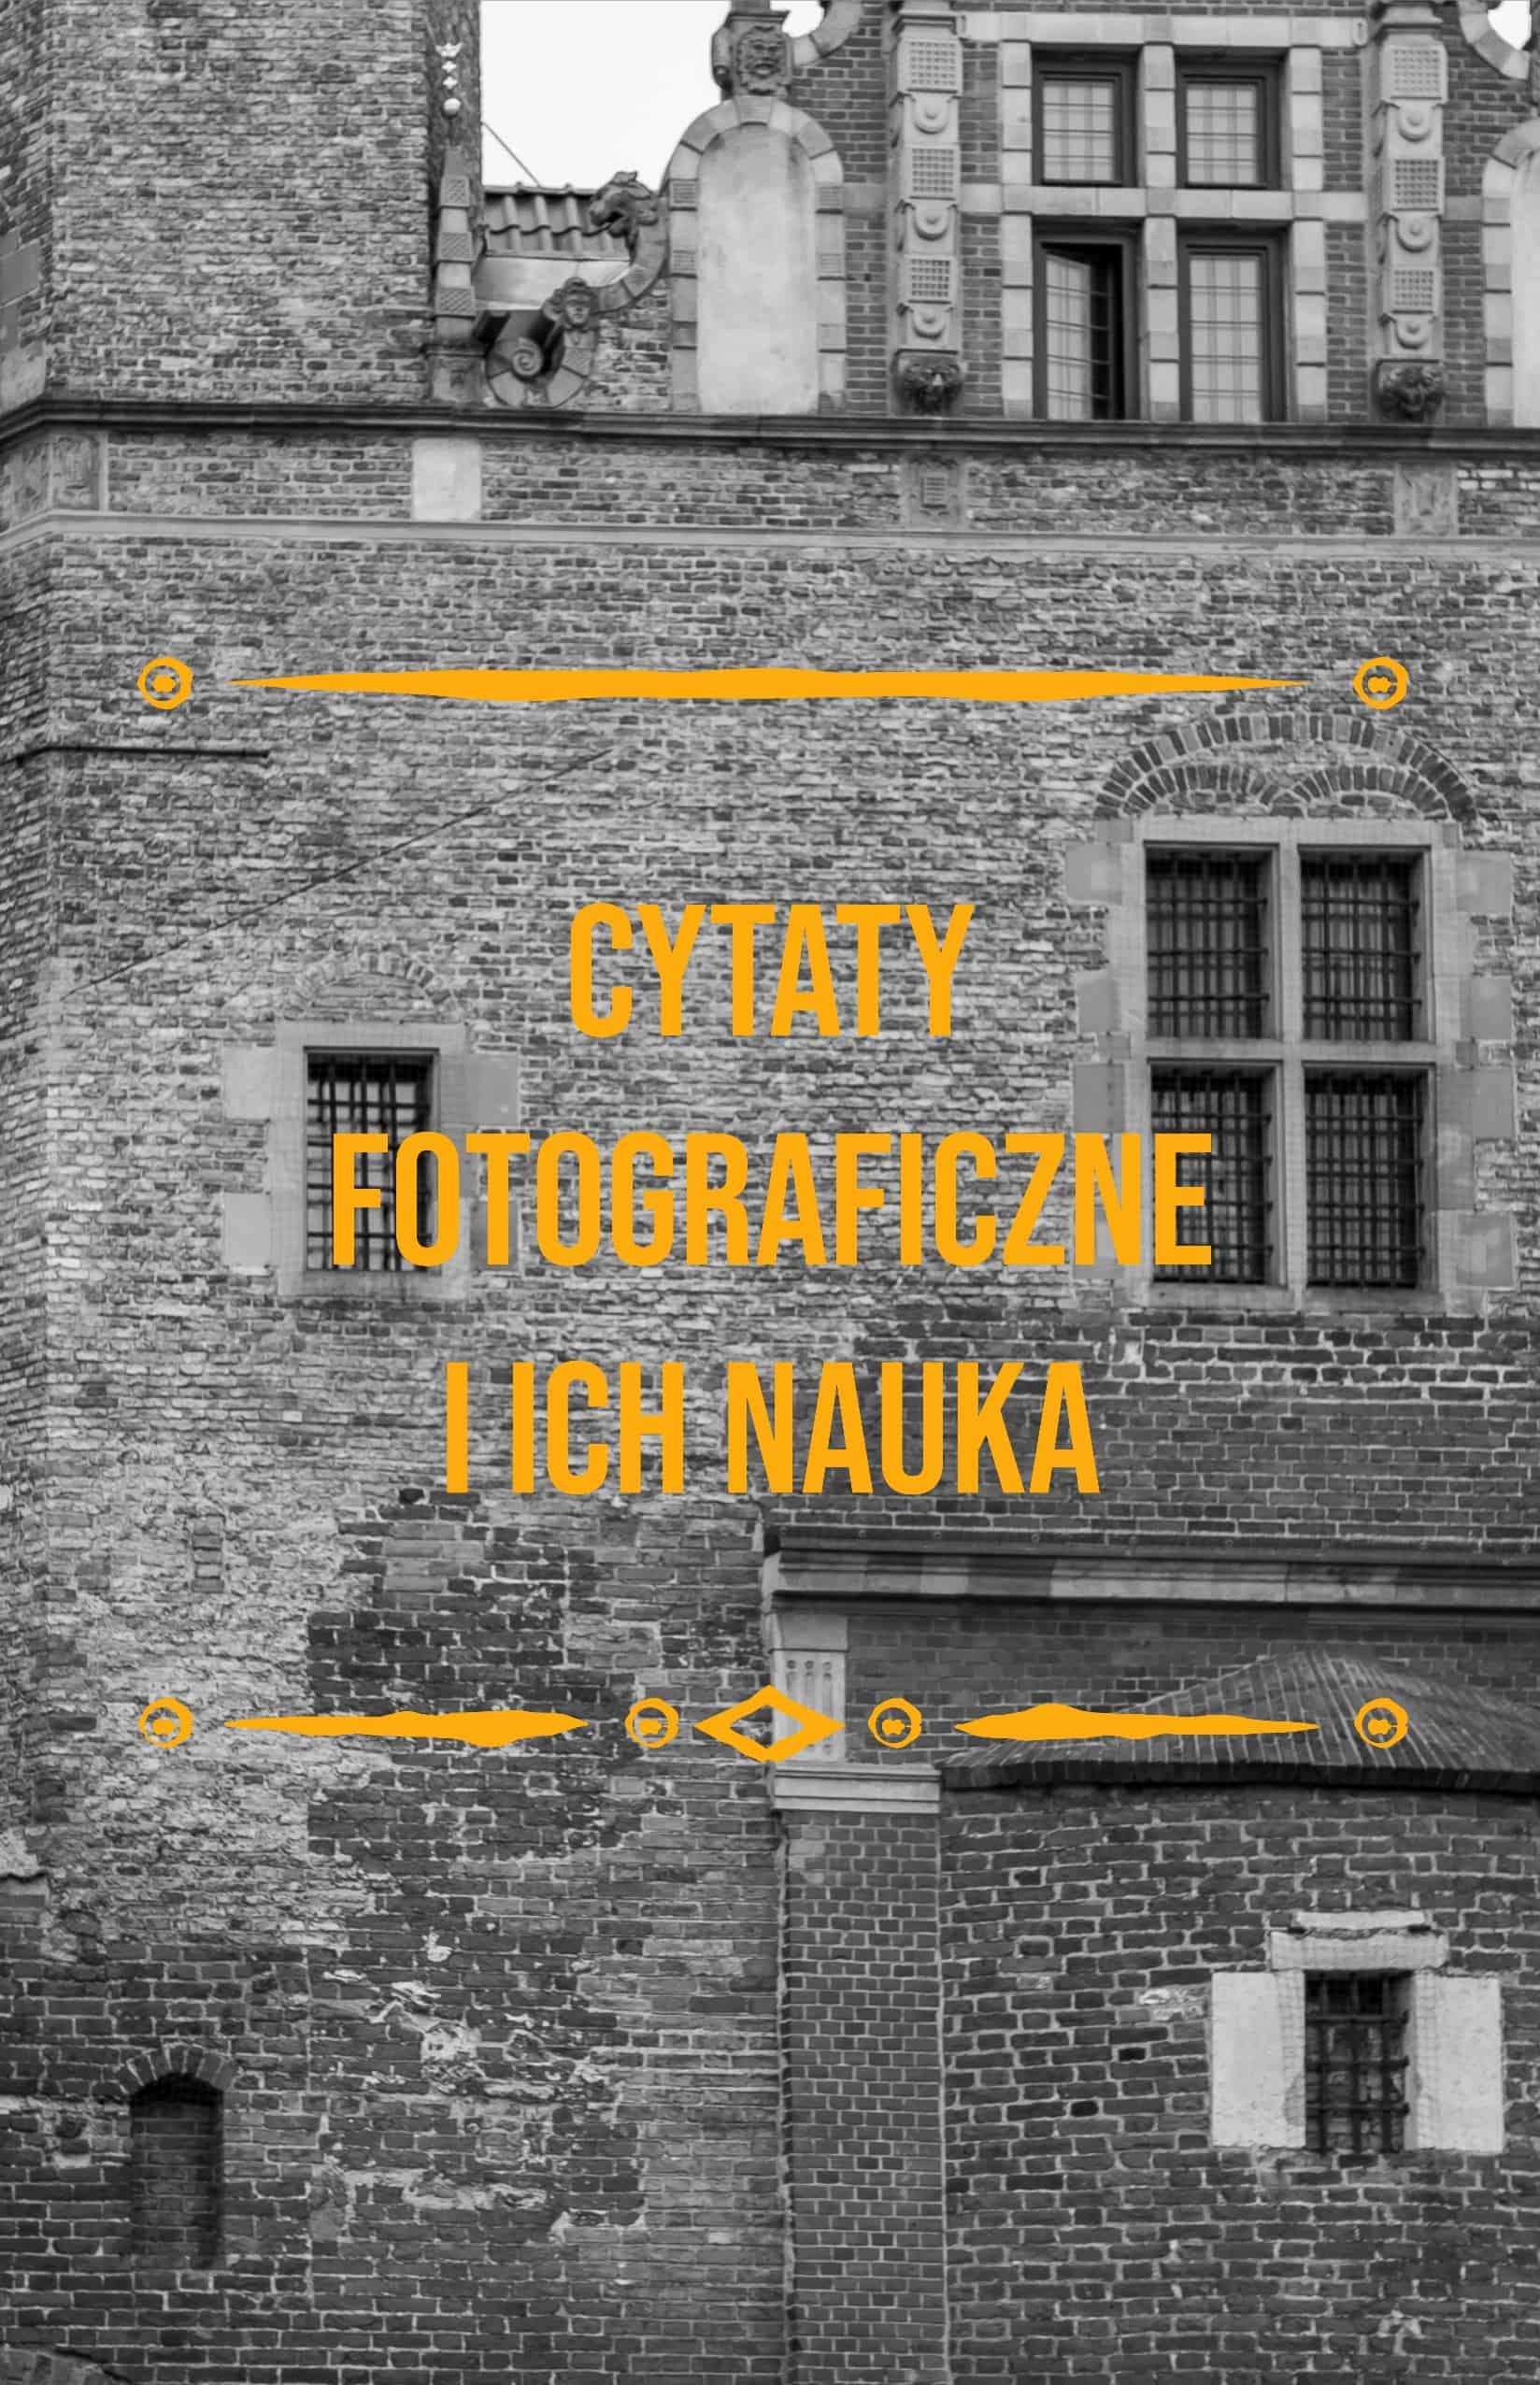 Cytaty fotograficzne i ich nauka